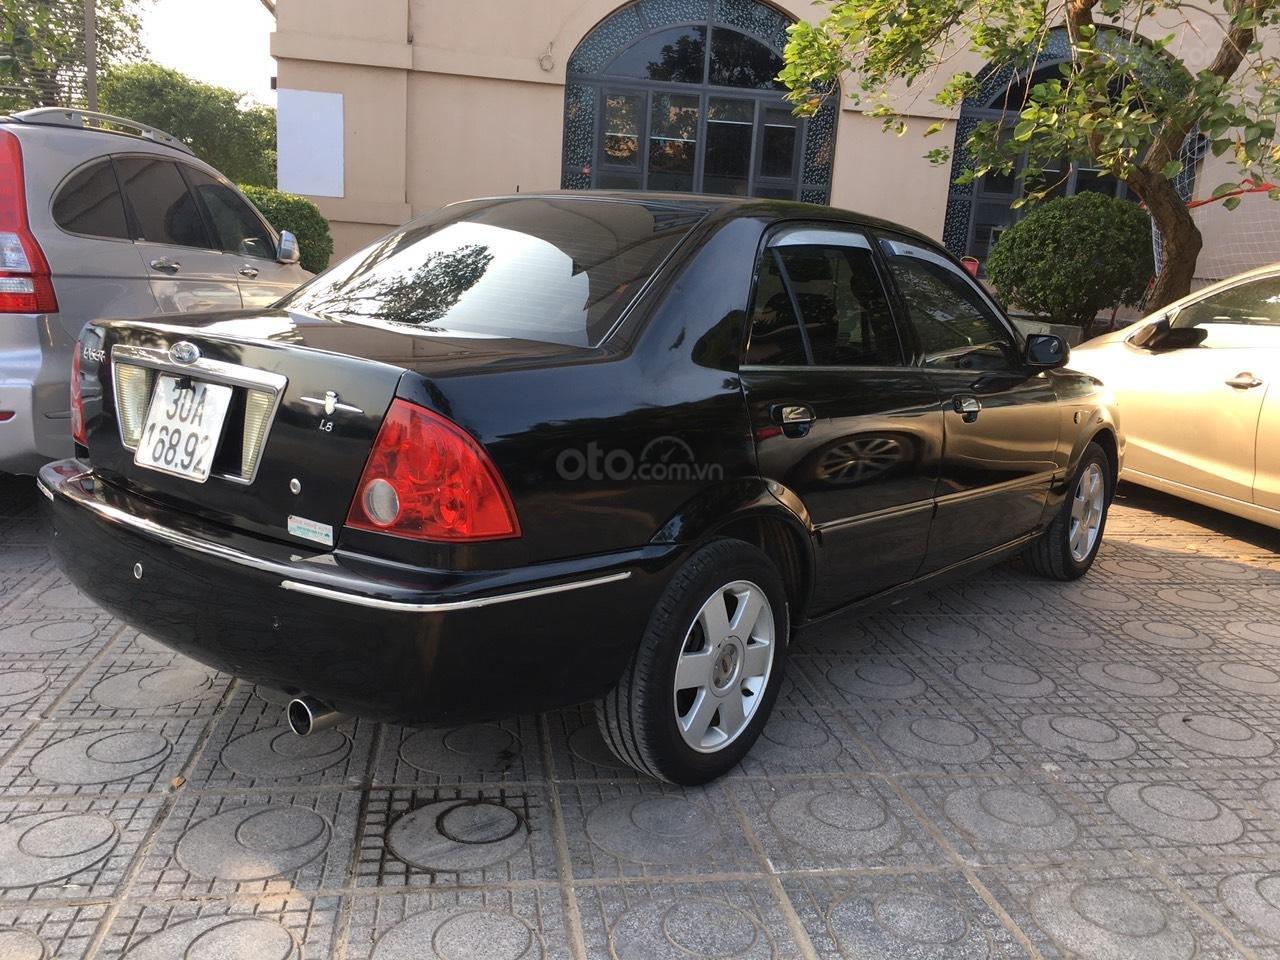 Bán Ford Laser Ghia 1.8 sản xuất 2003 (4)